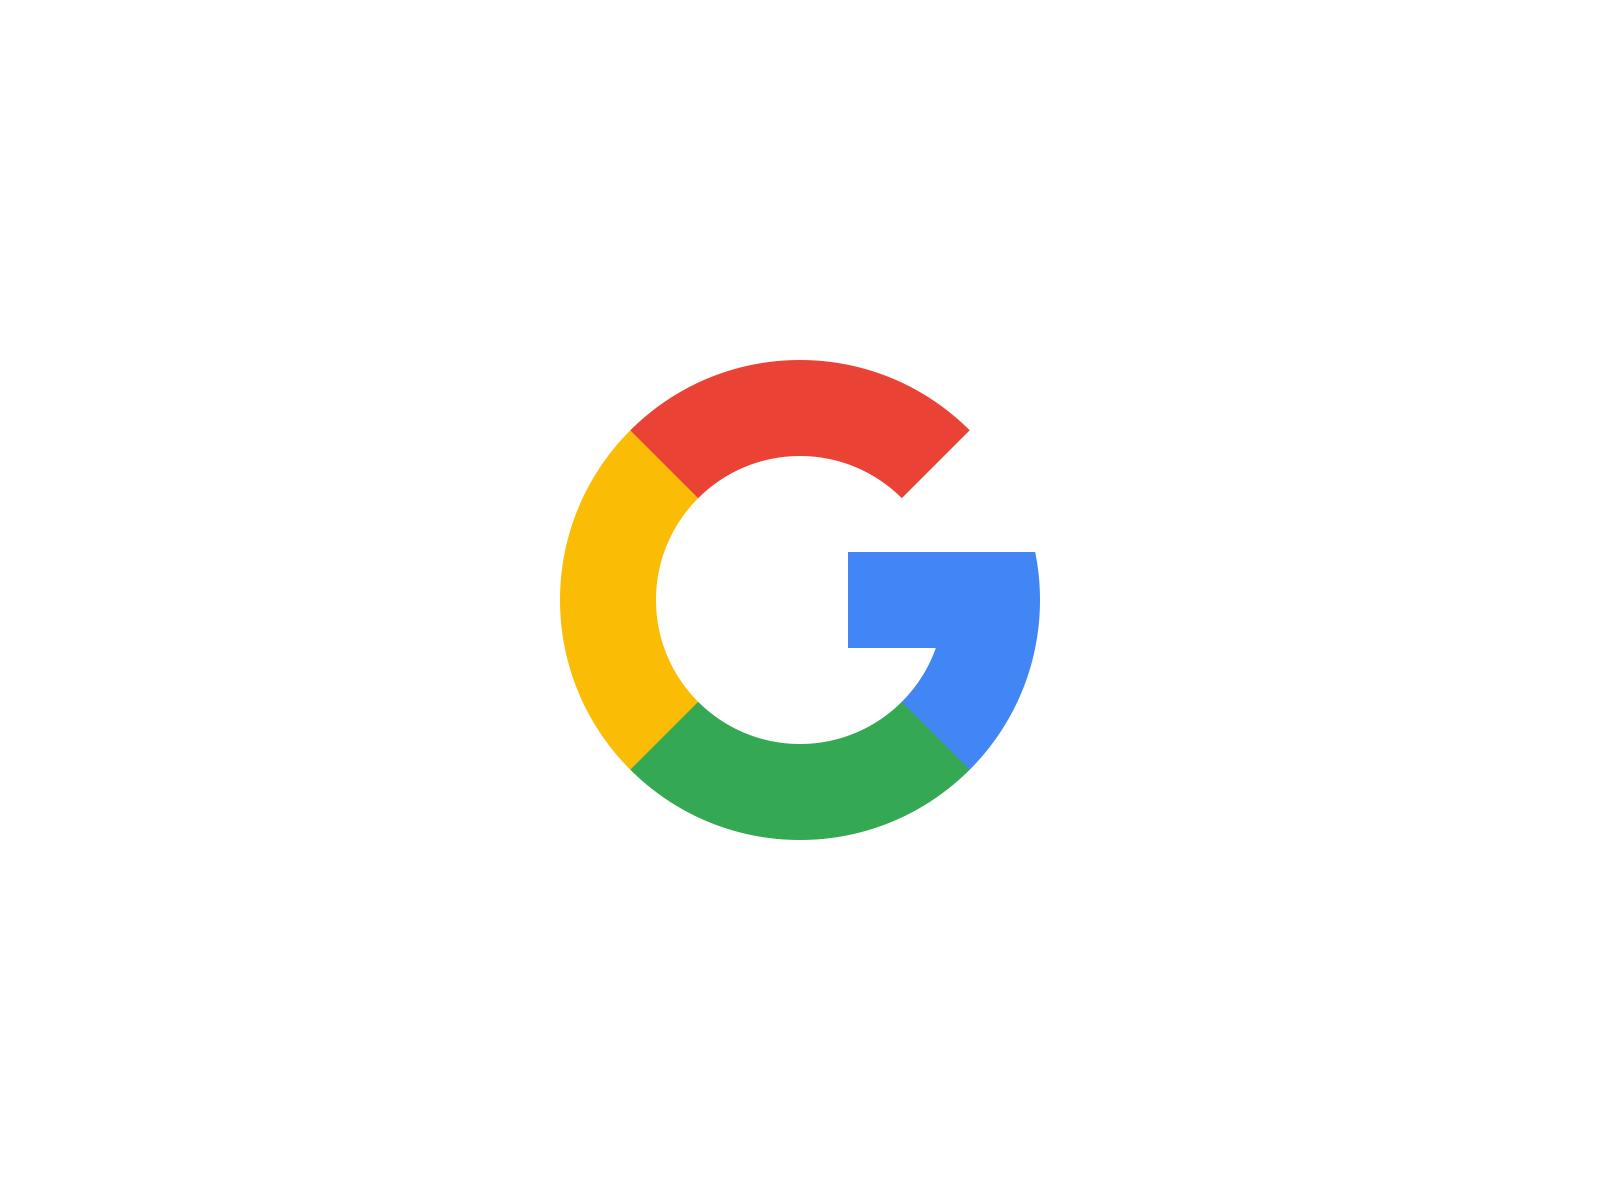 google logo white background